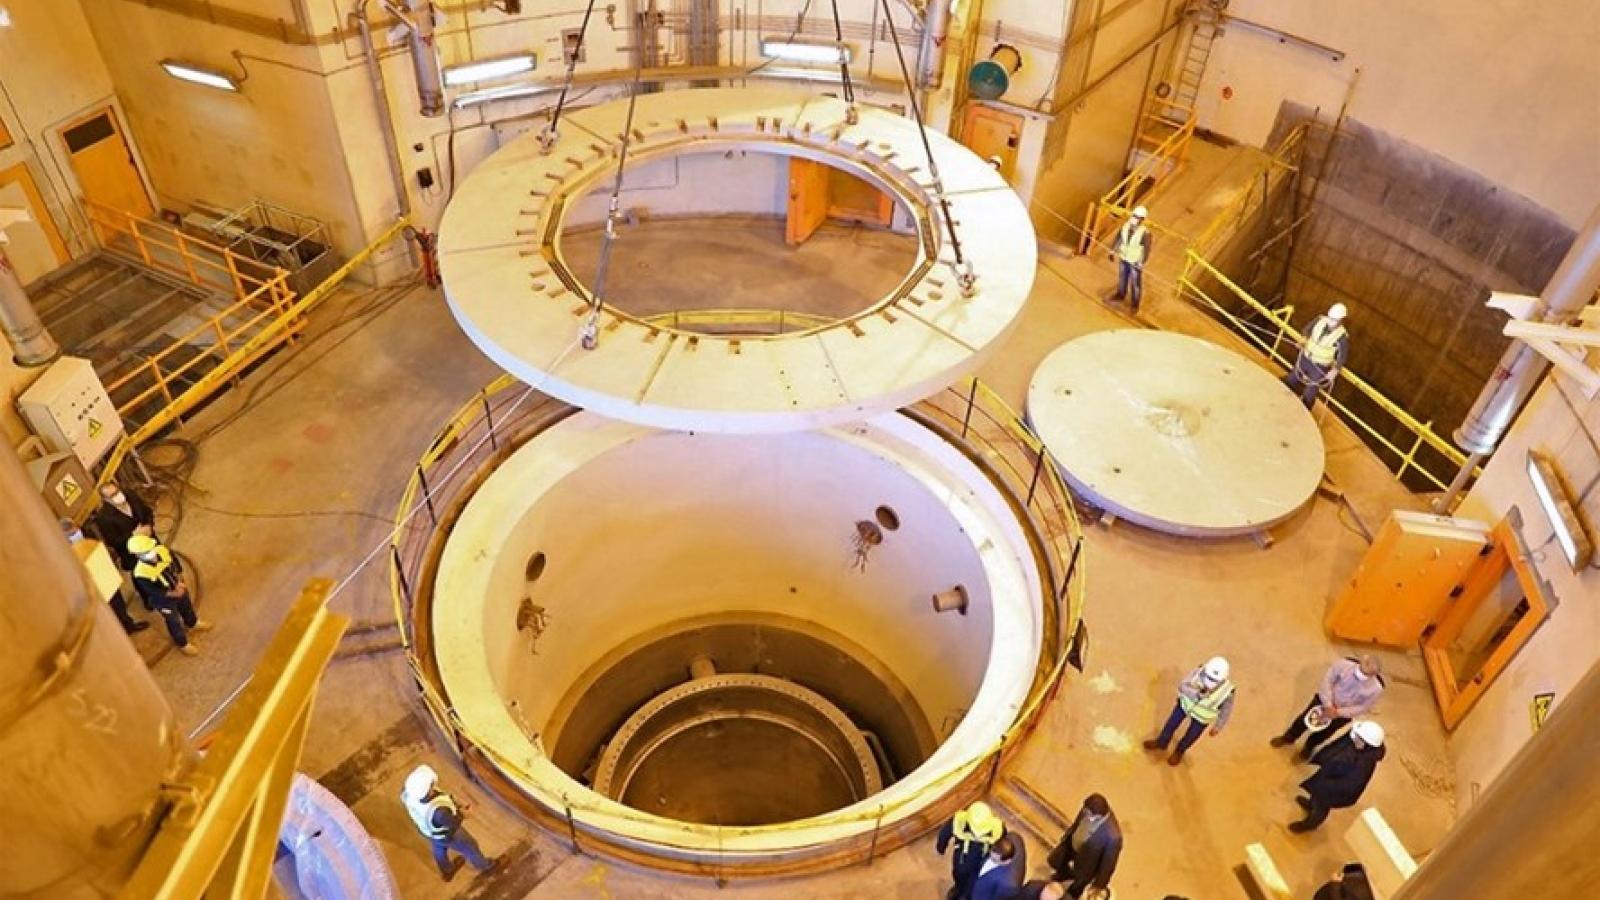 Đàm phán hạt nhân đạt tiến bộ, Mỹ và Iran sắp quay trở lại JCPOA?